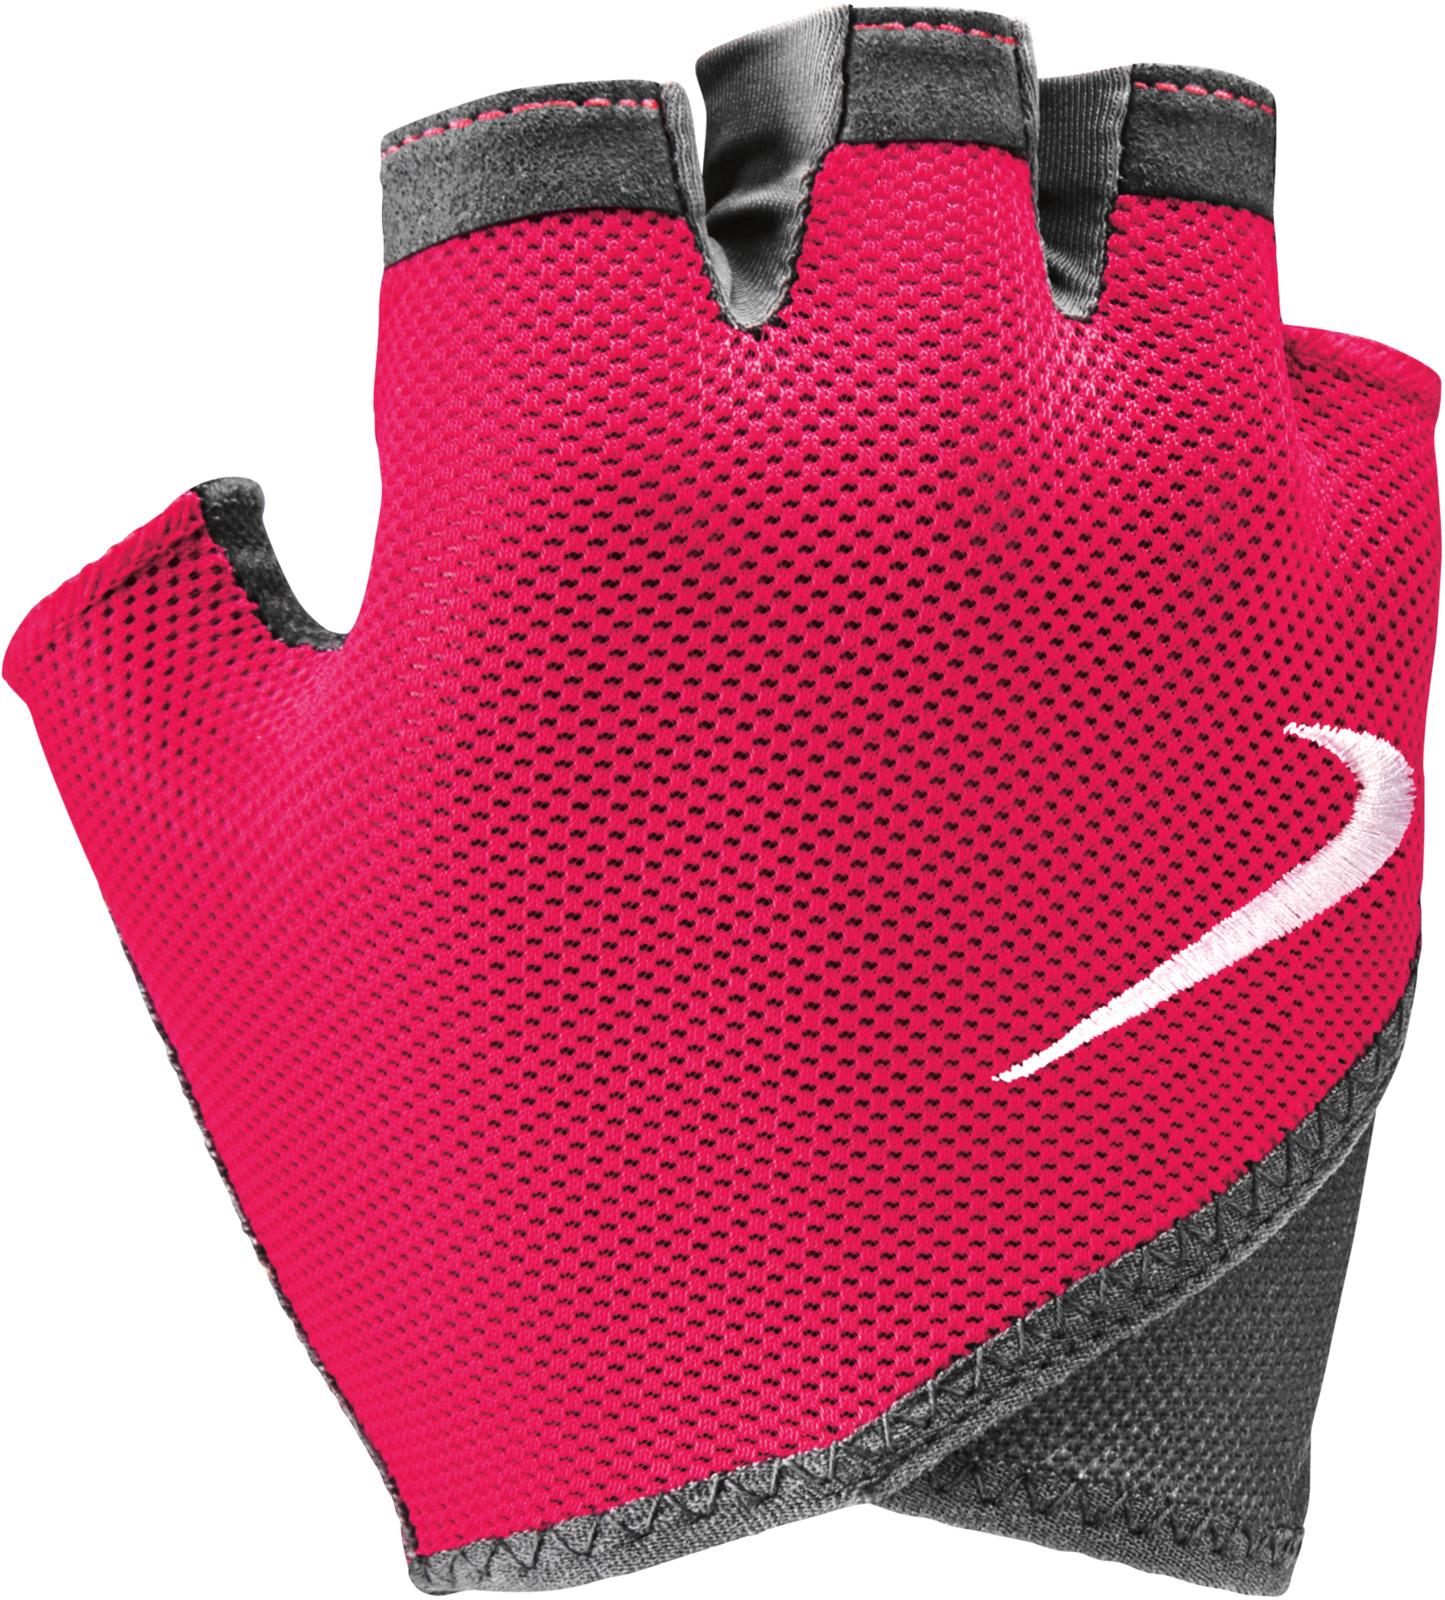 Перчатки для фитнеса Nike, цвет: серый, черный, белый. N.LG.D4.017.MD цена